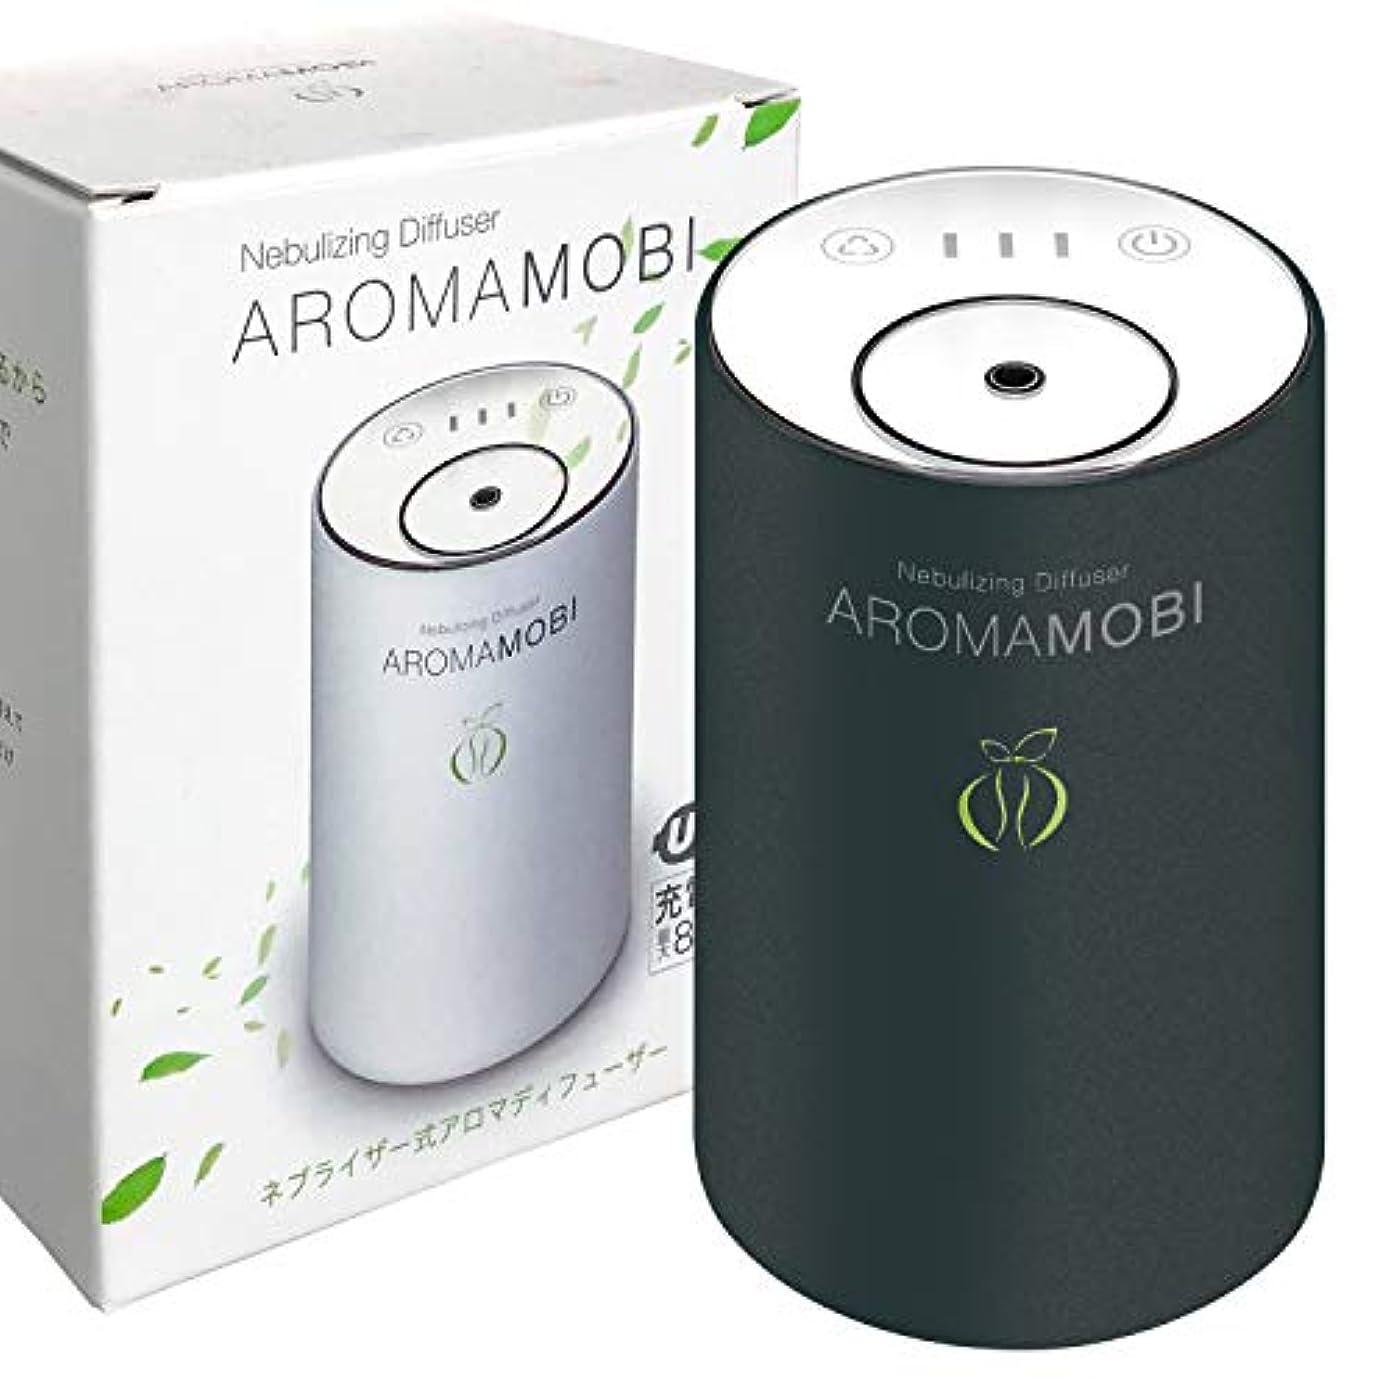 エスカレート意味のある宇宙funks AROMA MOBI 充電式 アロマディフューザー ネブライザー式 ブラック